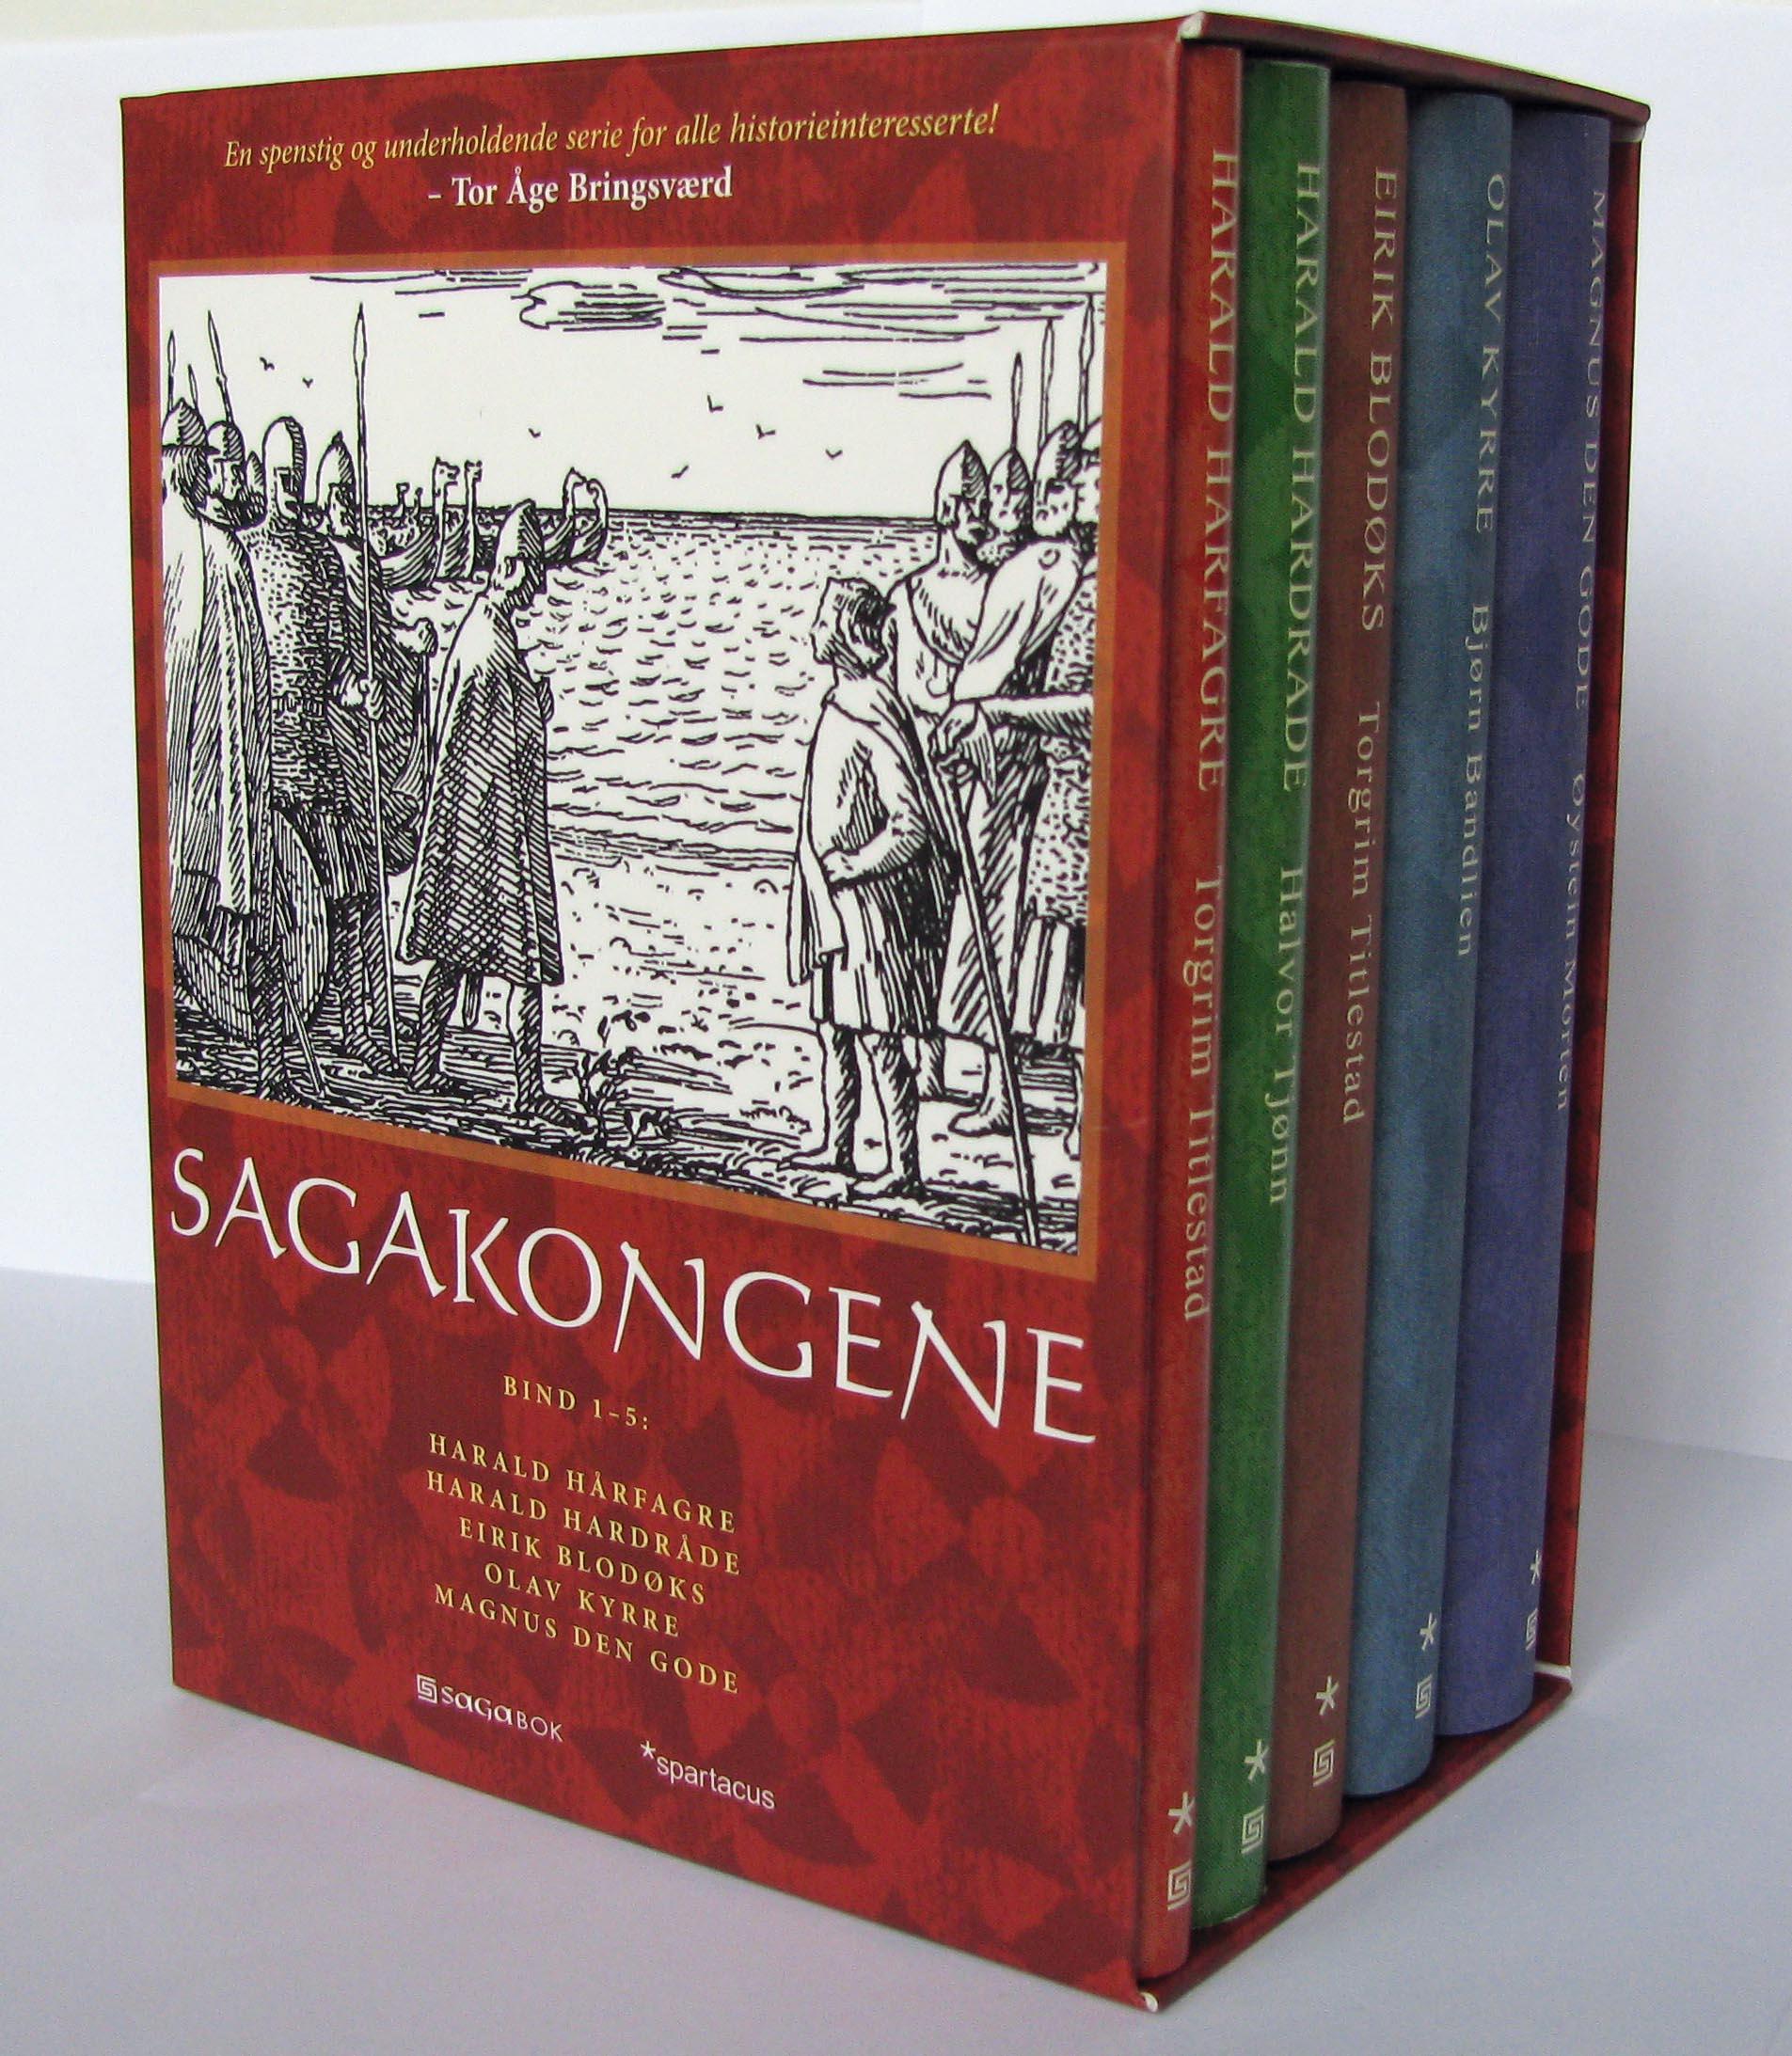 Sagakongene 1 5